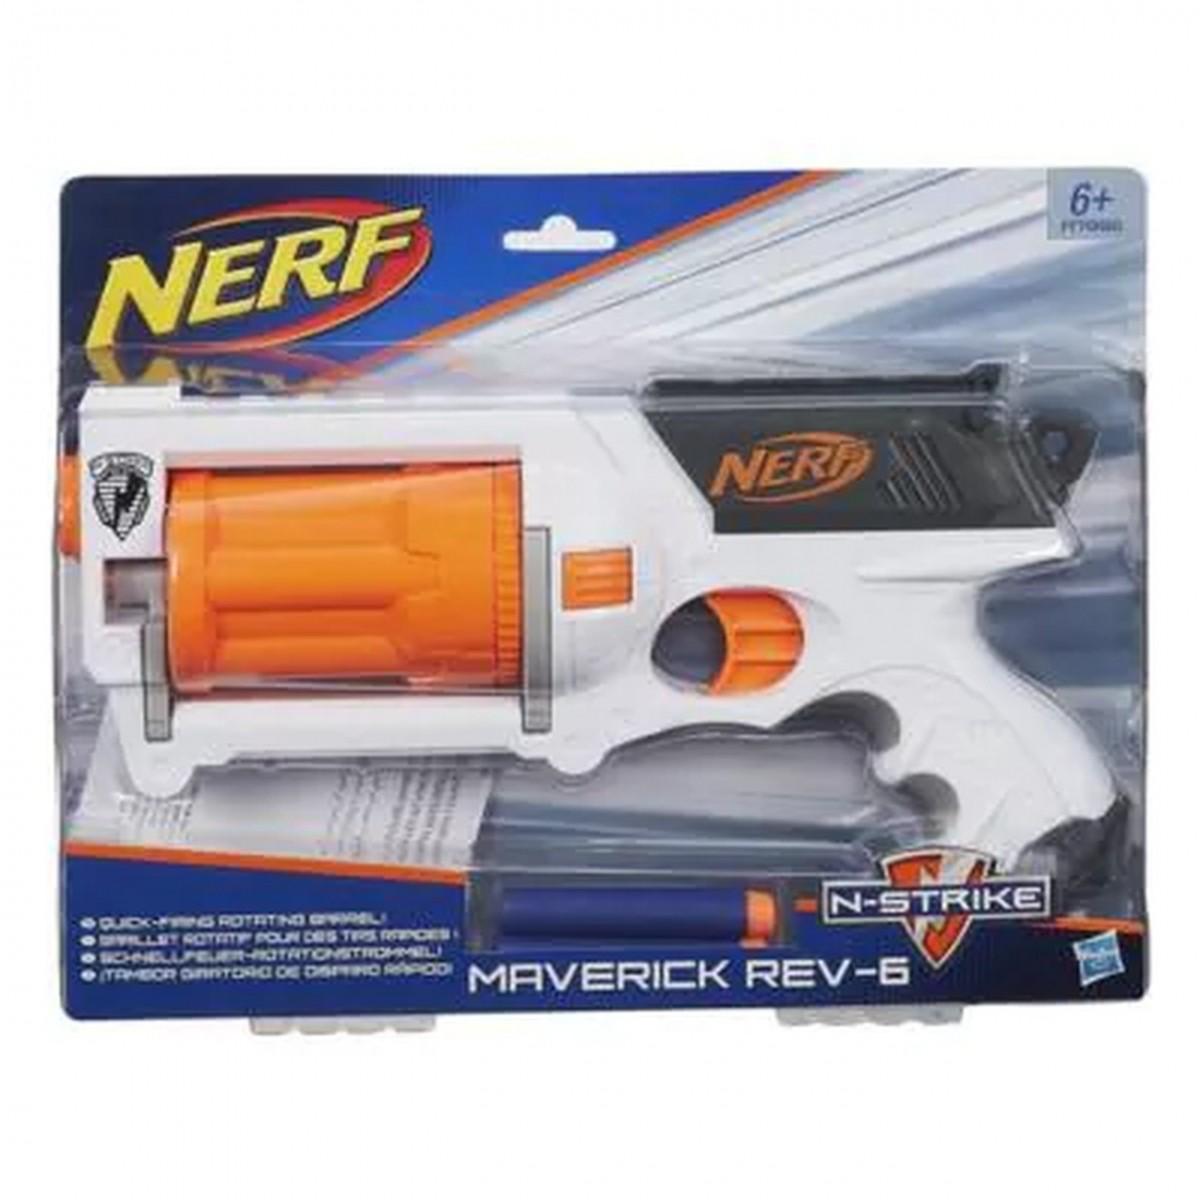 Nerf N-Strike Maverick Rev-6  (Lançador de Dardos)